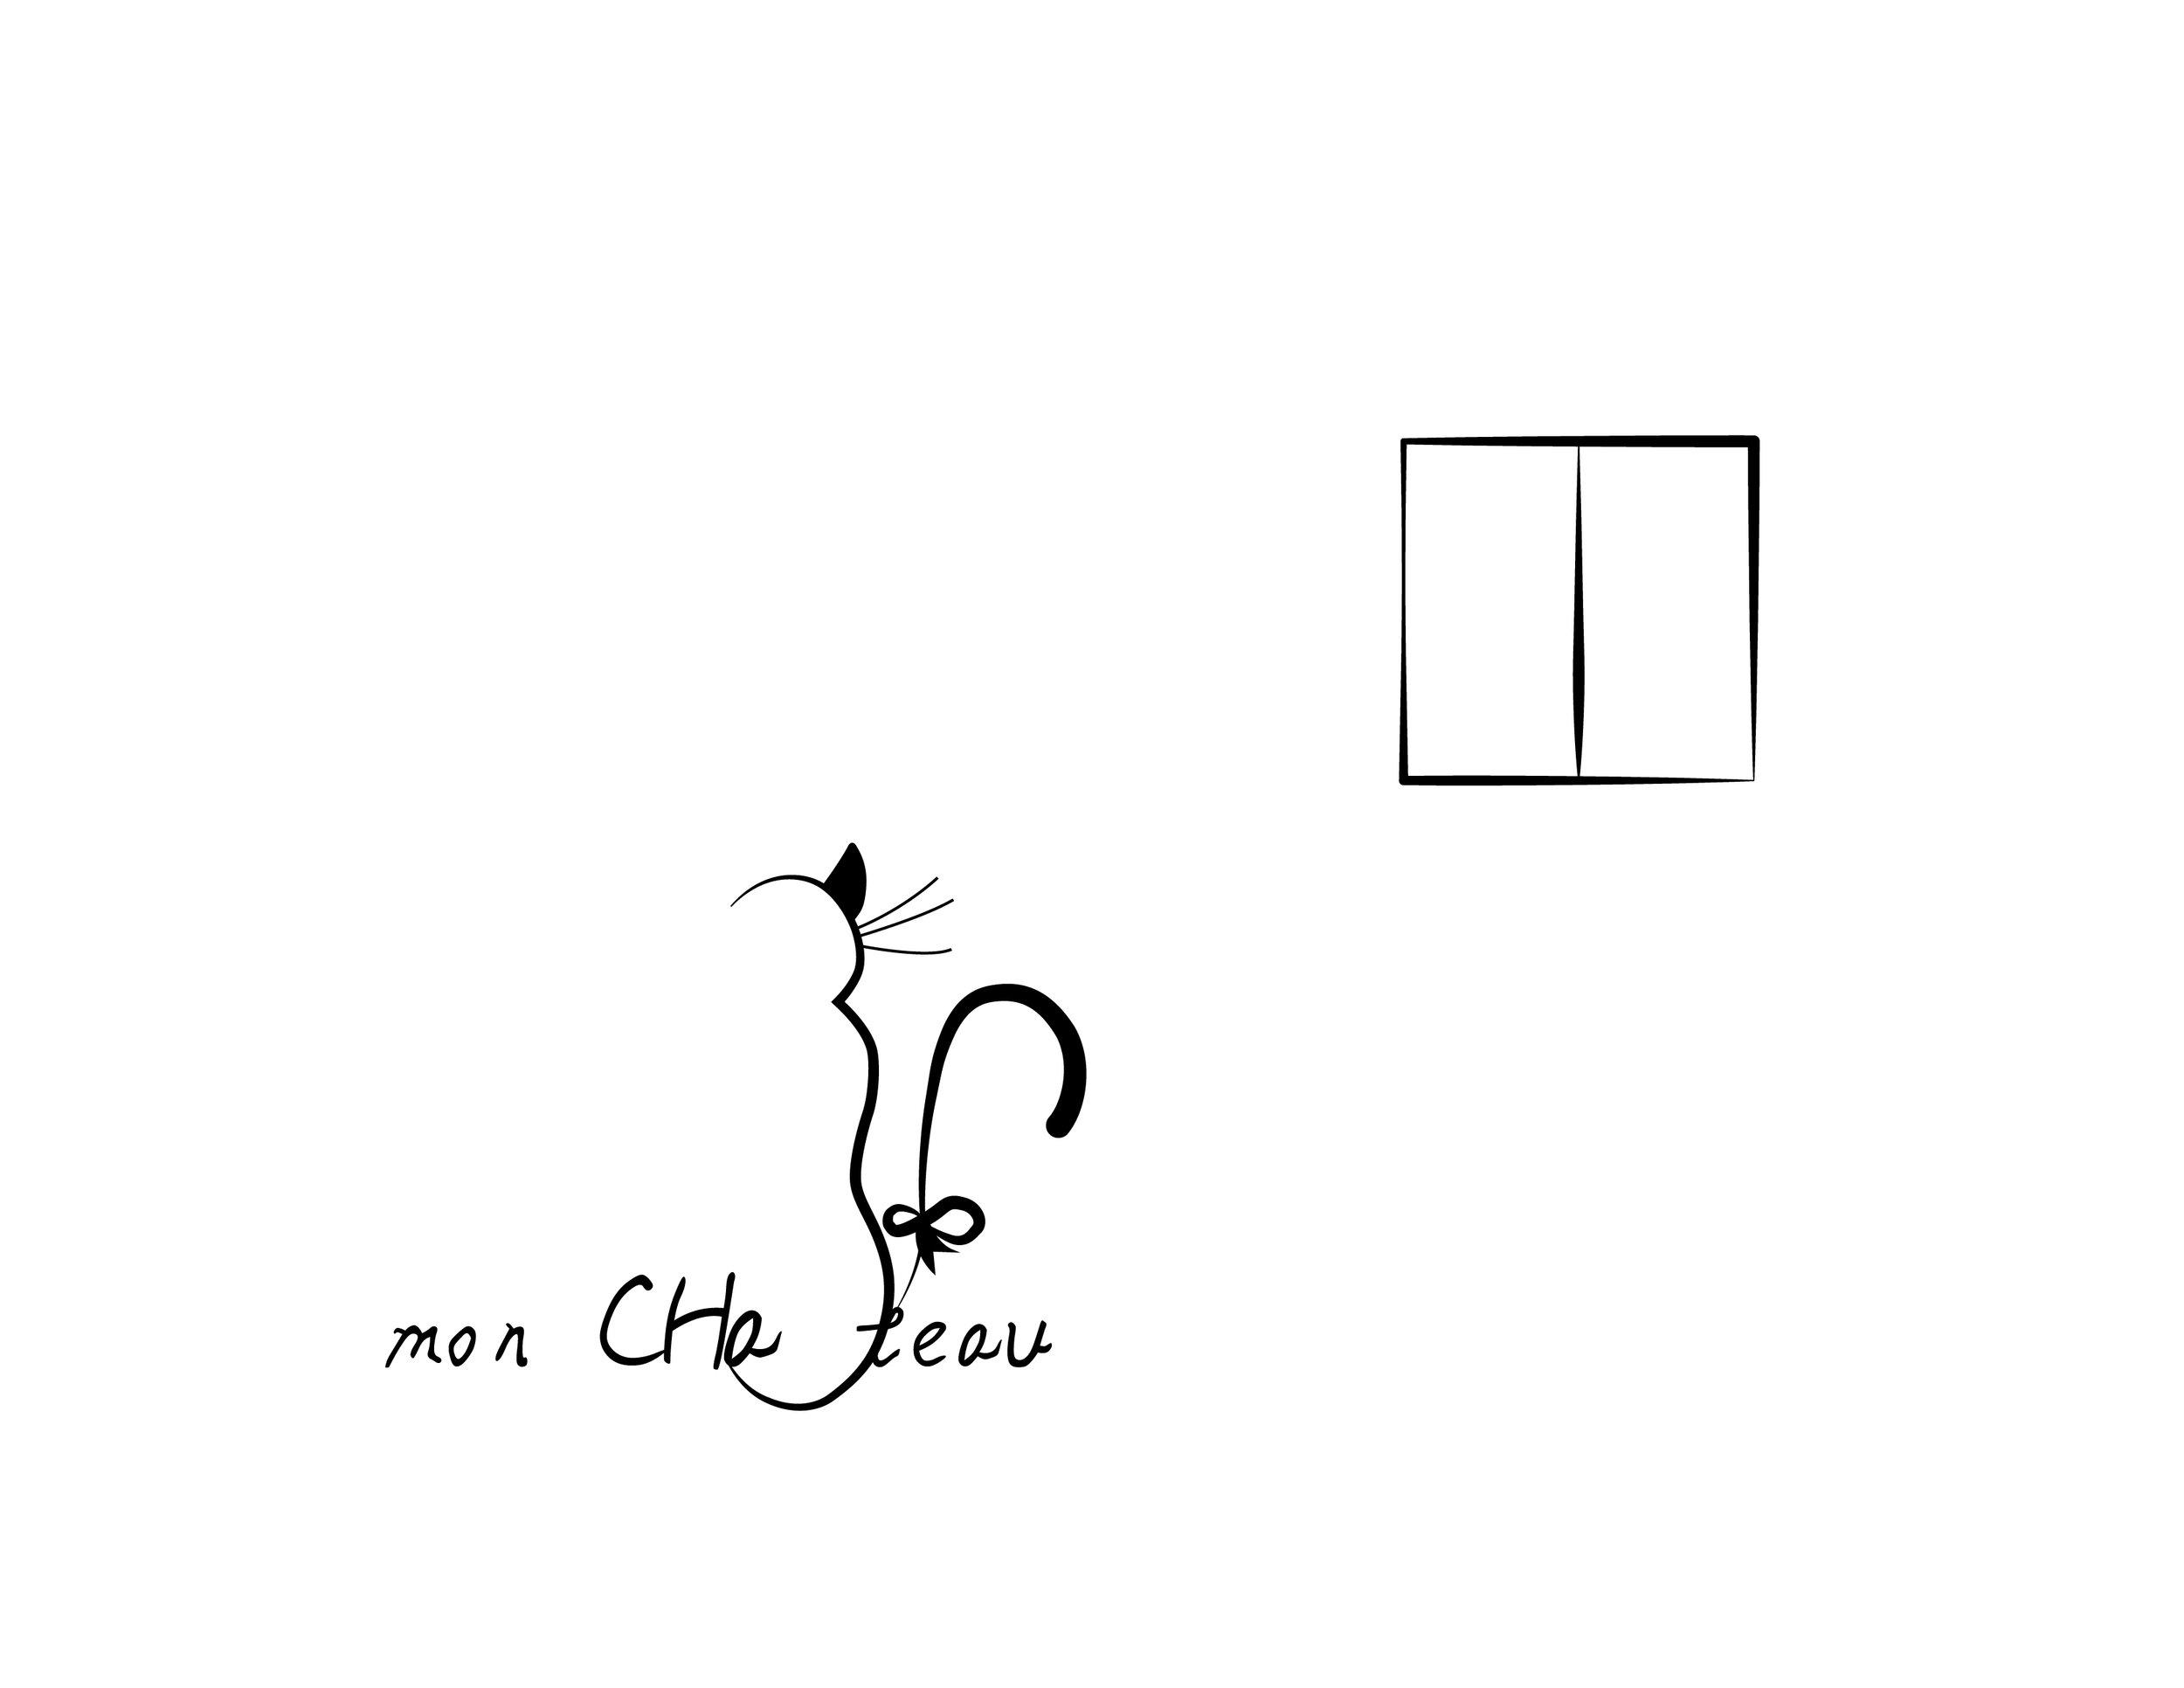 logo primul-01.jpg